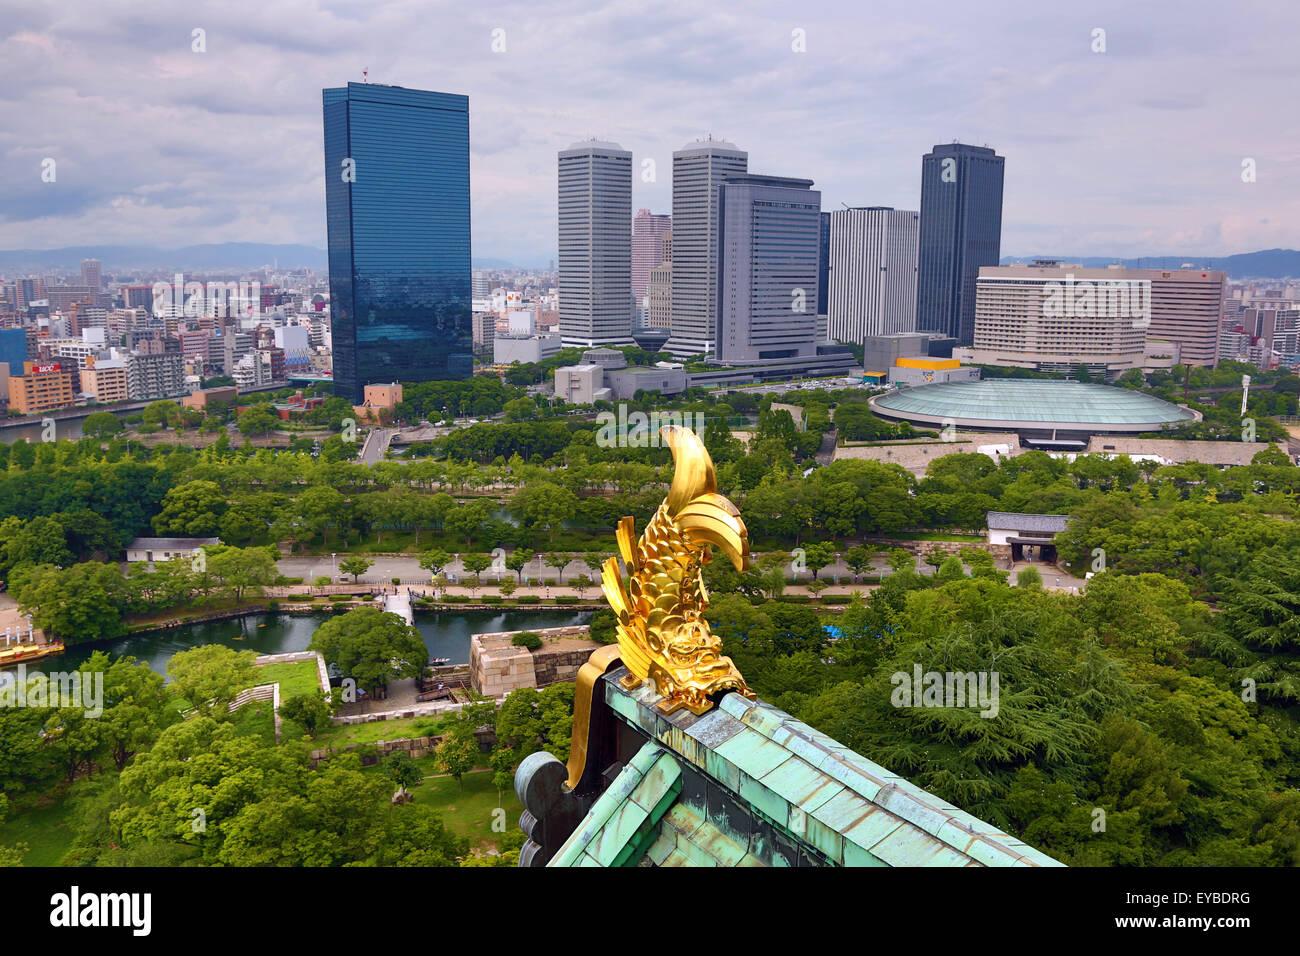 Poisson d'or décoration toit sur le château d'Osaka et gratte-ciel, Osaka, Japon Banque D'Images